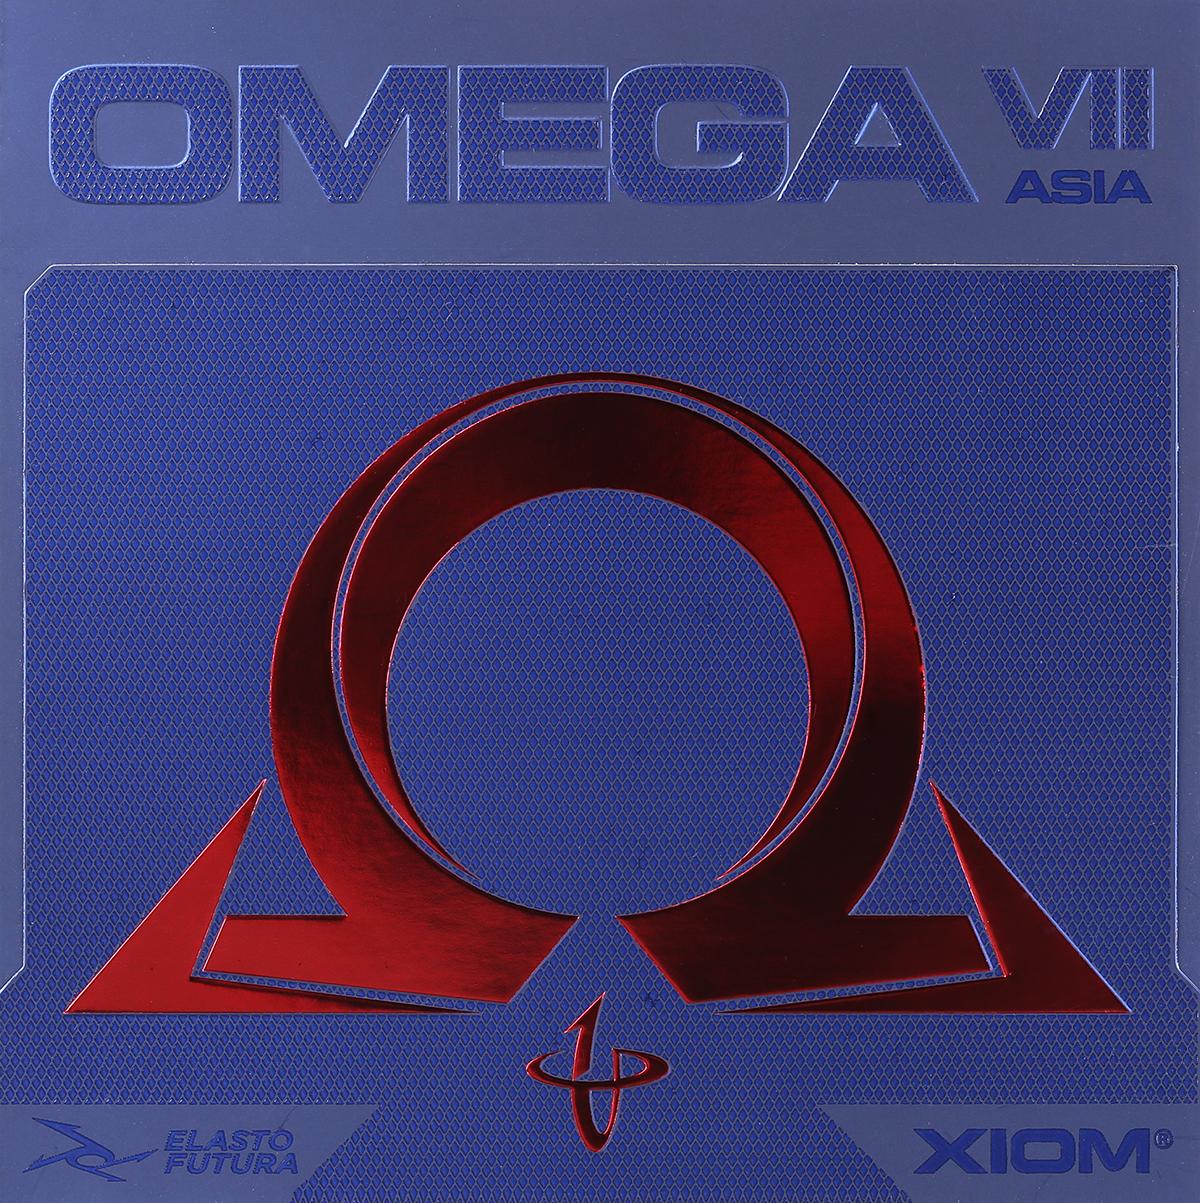 XIOM Omega 7 Asia - je tak tvrdá, jak se deklaruje?